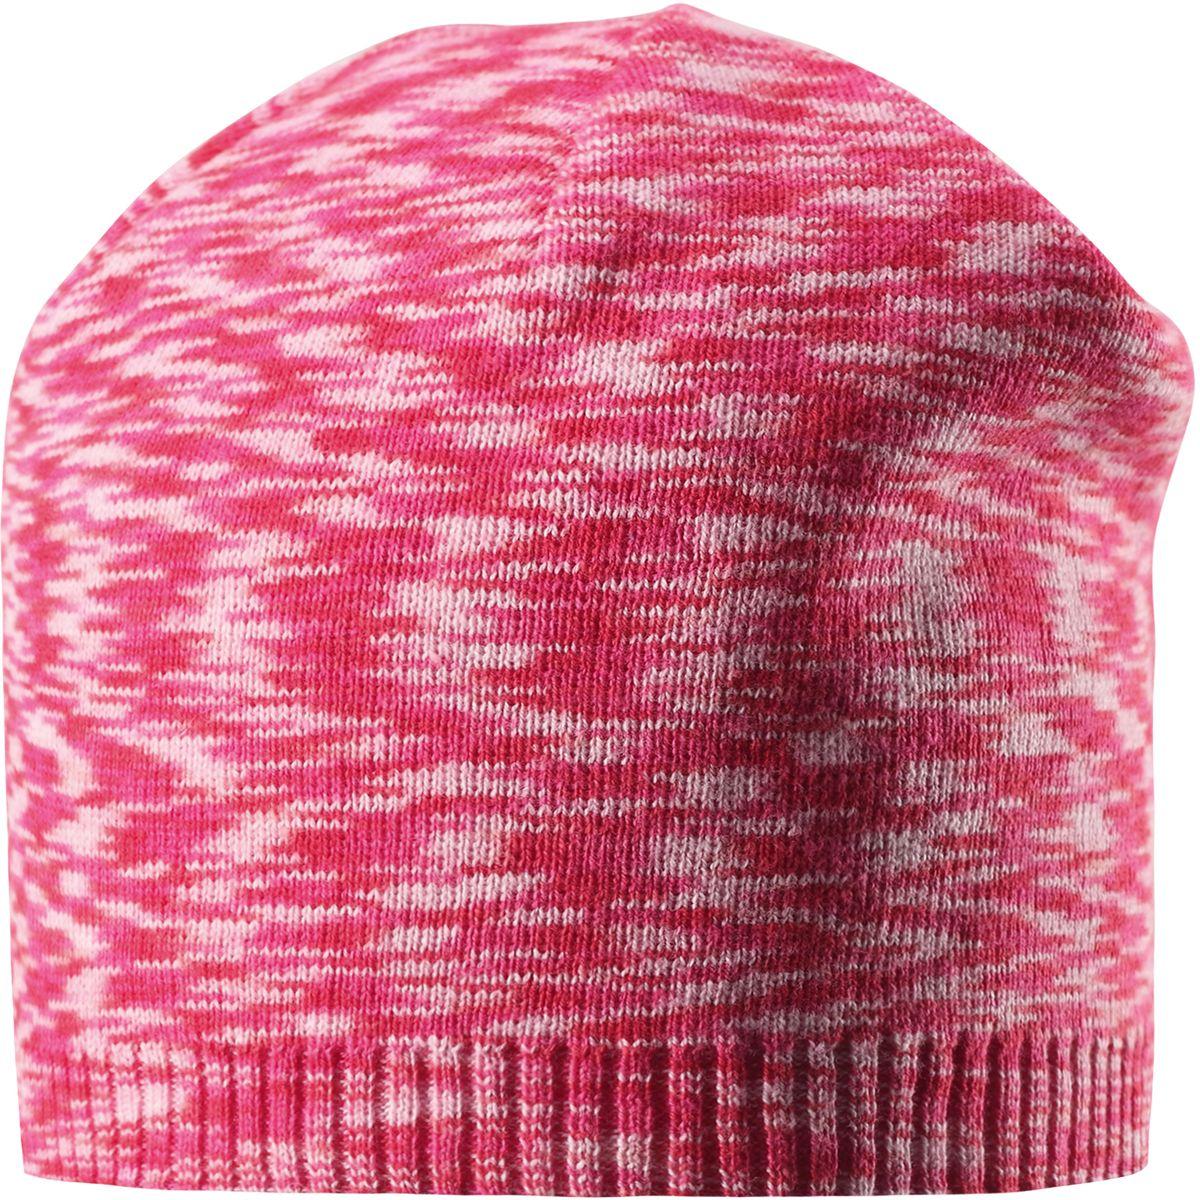 Шапка детская Reima Liplatus, цвет: розовый. 5285273360. Размер 505285273360Стильная детская шапка прекрасно подойдет для весенней поры. Она изготовлена из эластичного и легкого вязаного хлопка, мягкого и приятного на ощупь. Материал сертифицирован по стандарту Oeko-Tex. Удлиненная, облегченная модель без подкладки.